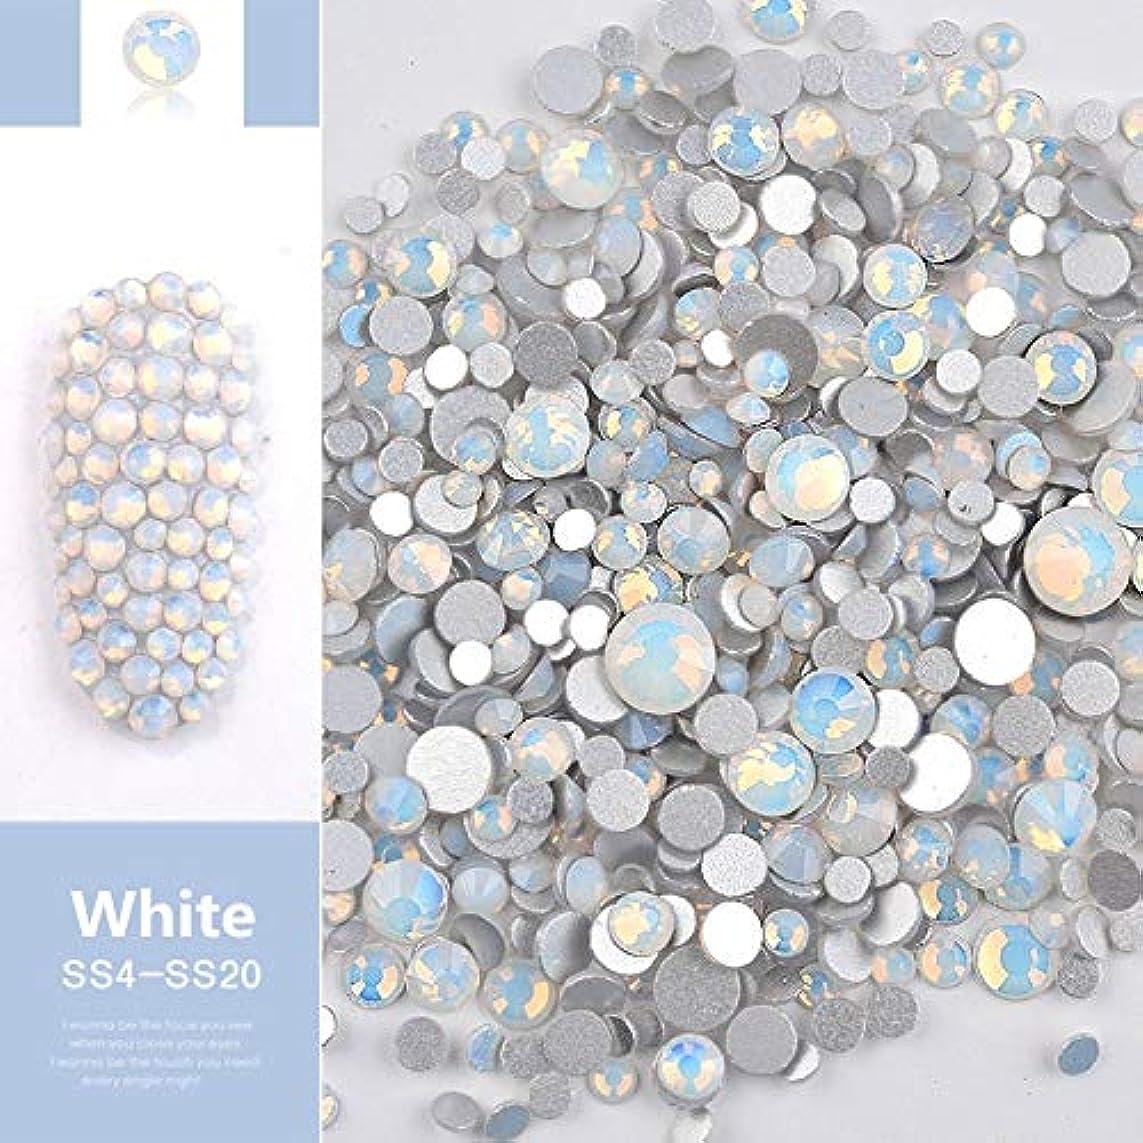 打たれたトラックインサート芸術的Tianmey ビーズ樹脂クリスタルラウンドネイルアートミックスフラットバックアクリルラインストーンミックスサイズ1.5-4.5 mm装飾用ネイル (Color : White)